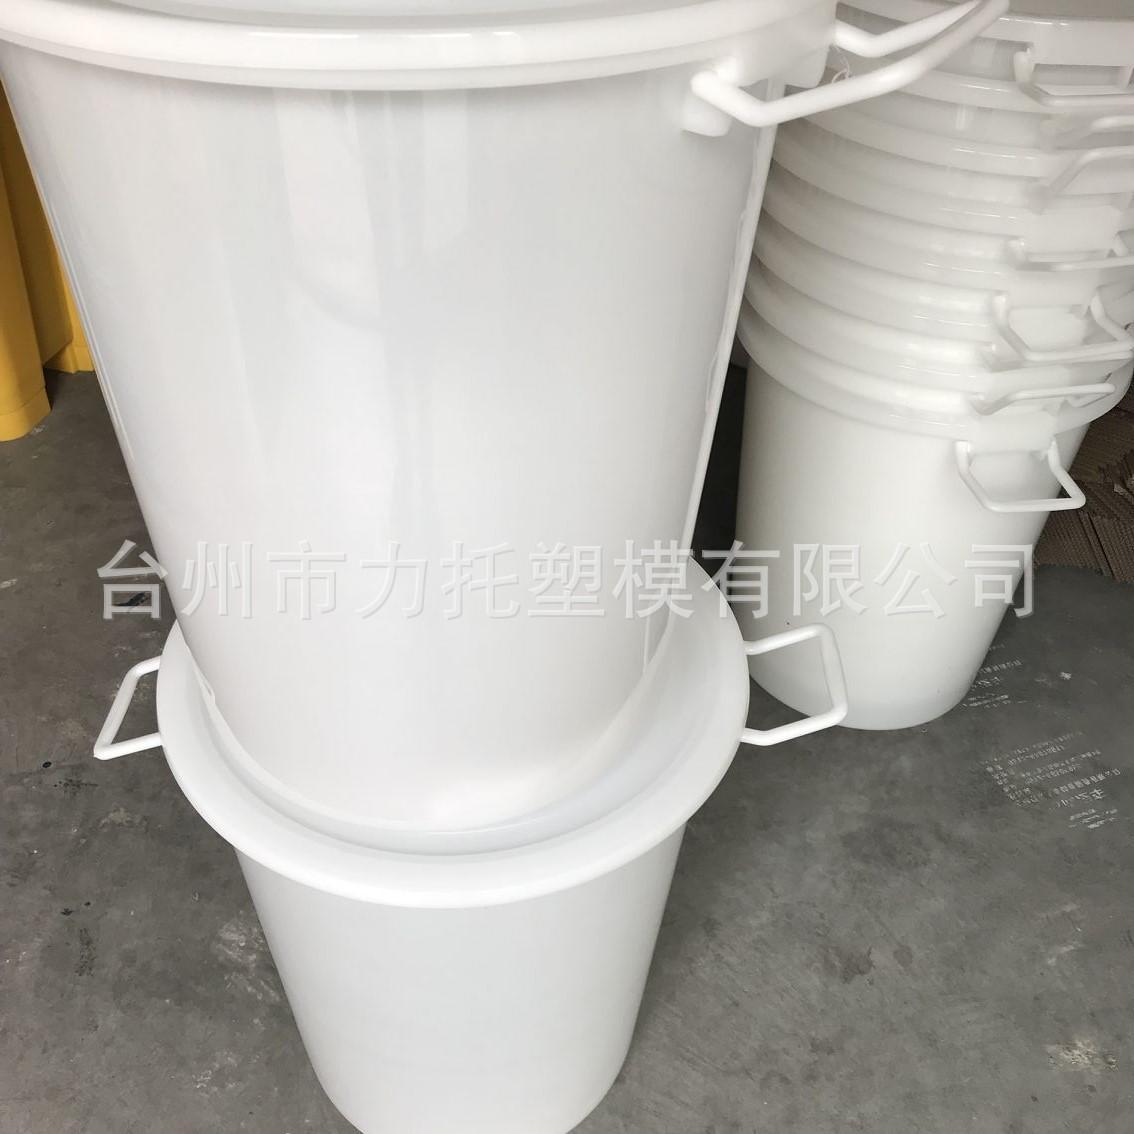 塑料白色米桶带盖食品发酵胶桶/加厚储水箱/批发塑胶储料桶物料箱